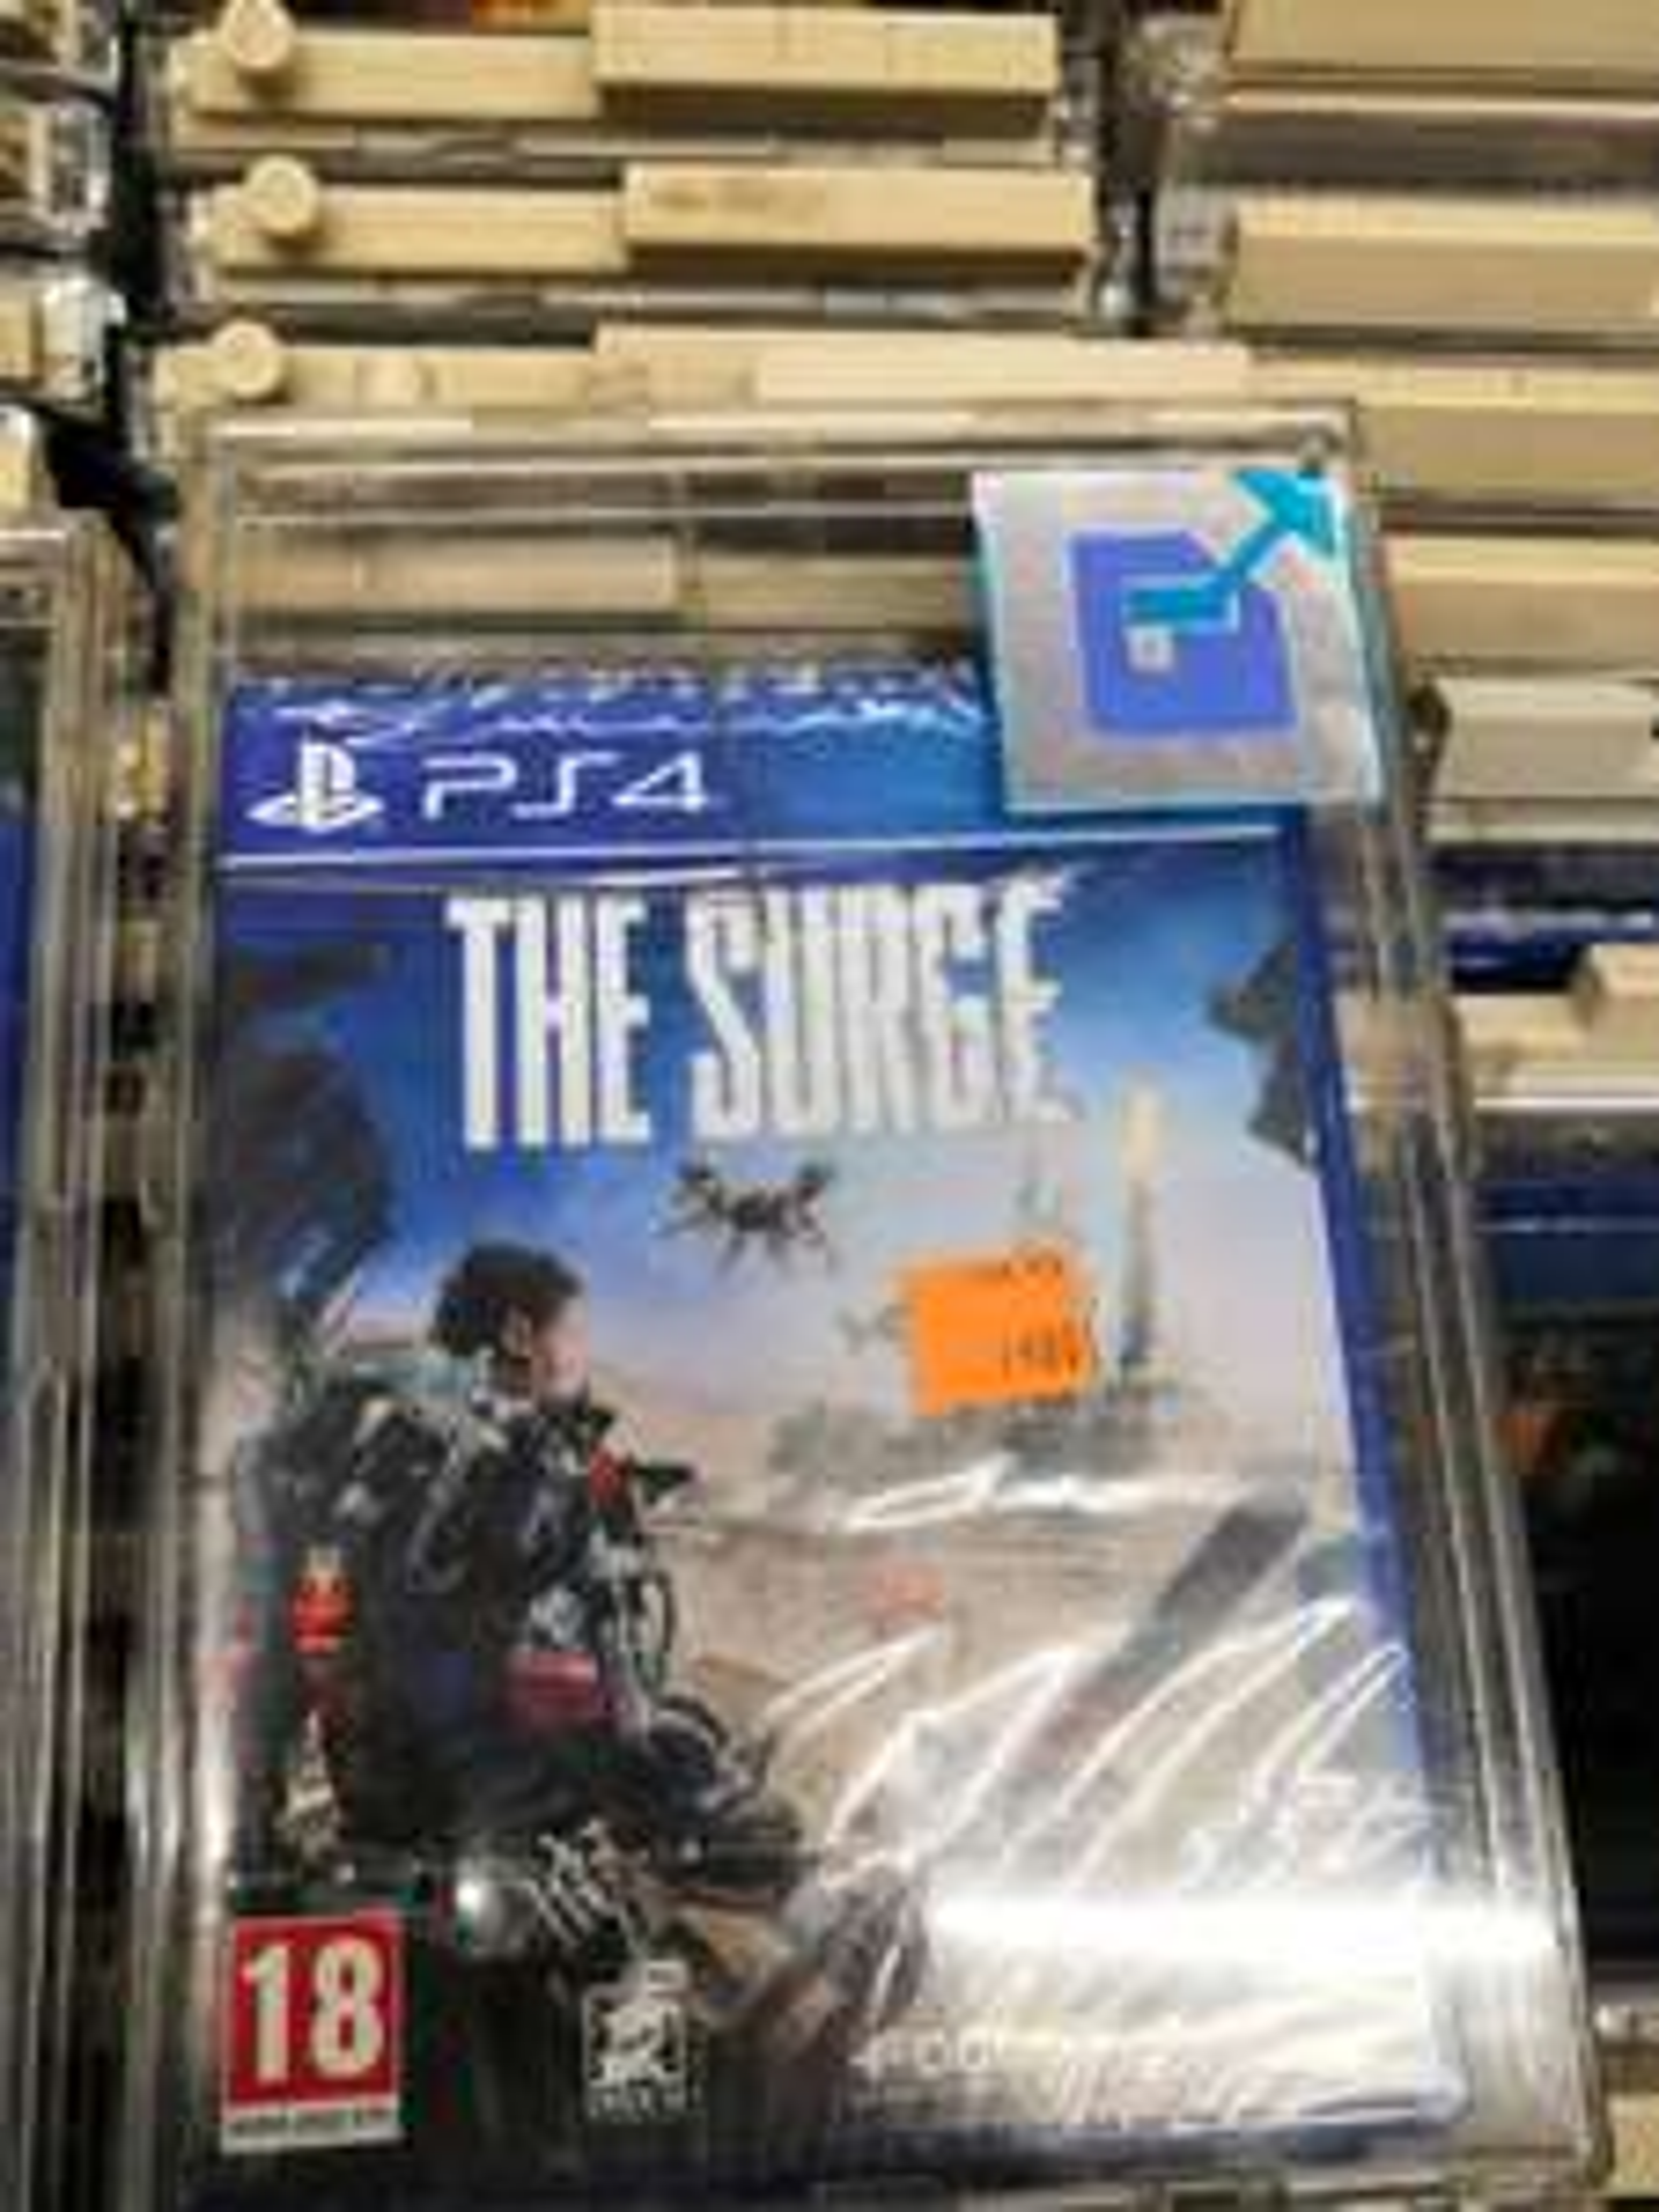 Sélection de jeux vidéo sur PC et PS4 - Ex : The Surge sur PS4 - Évry (91)